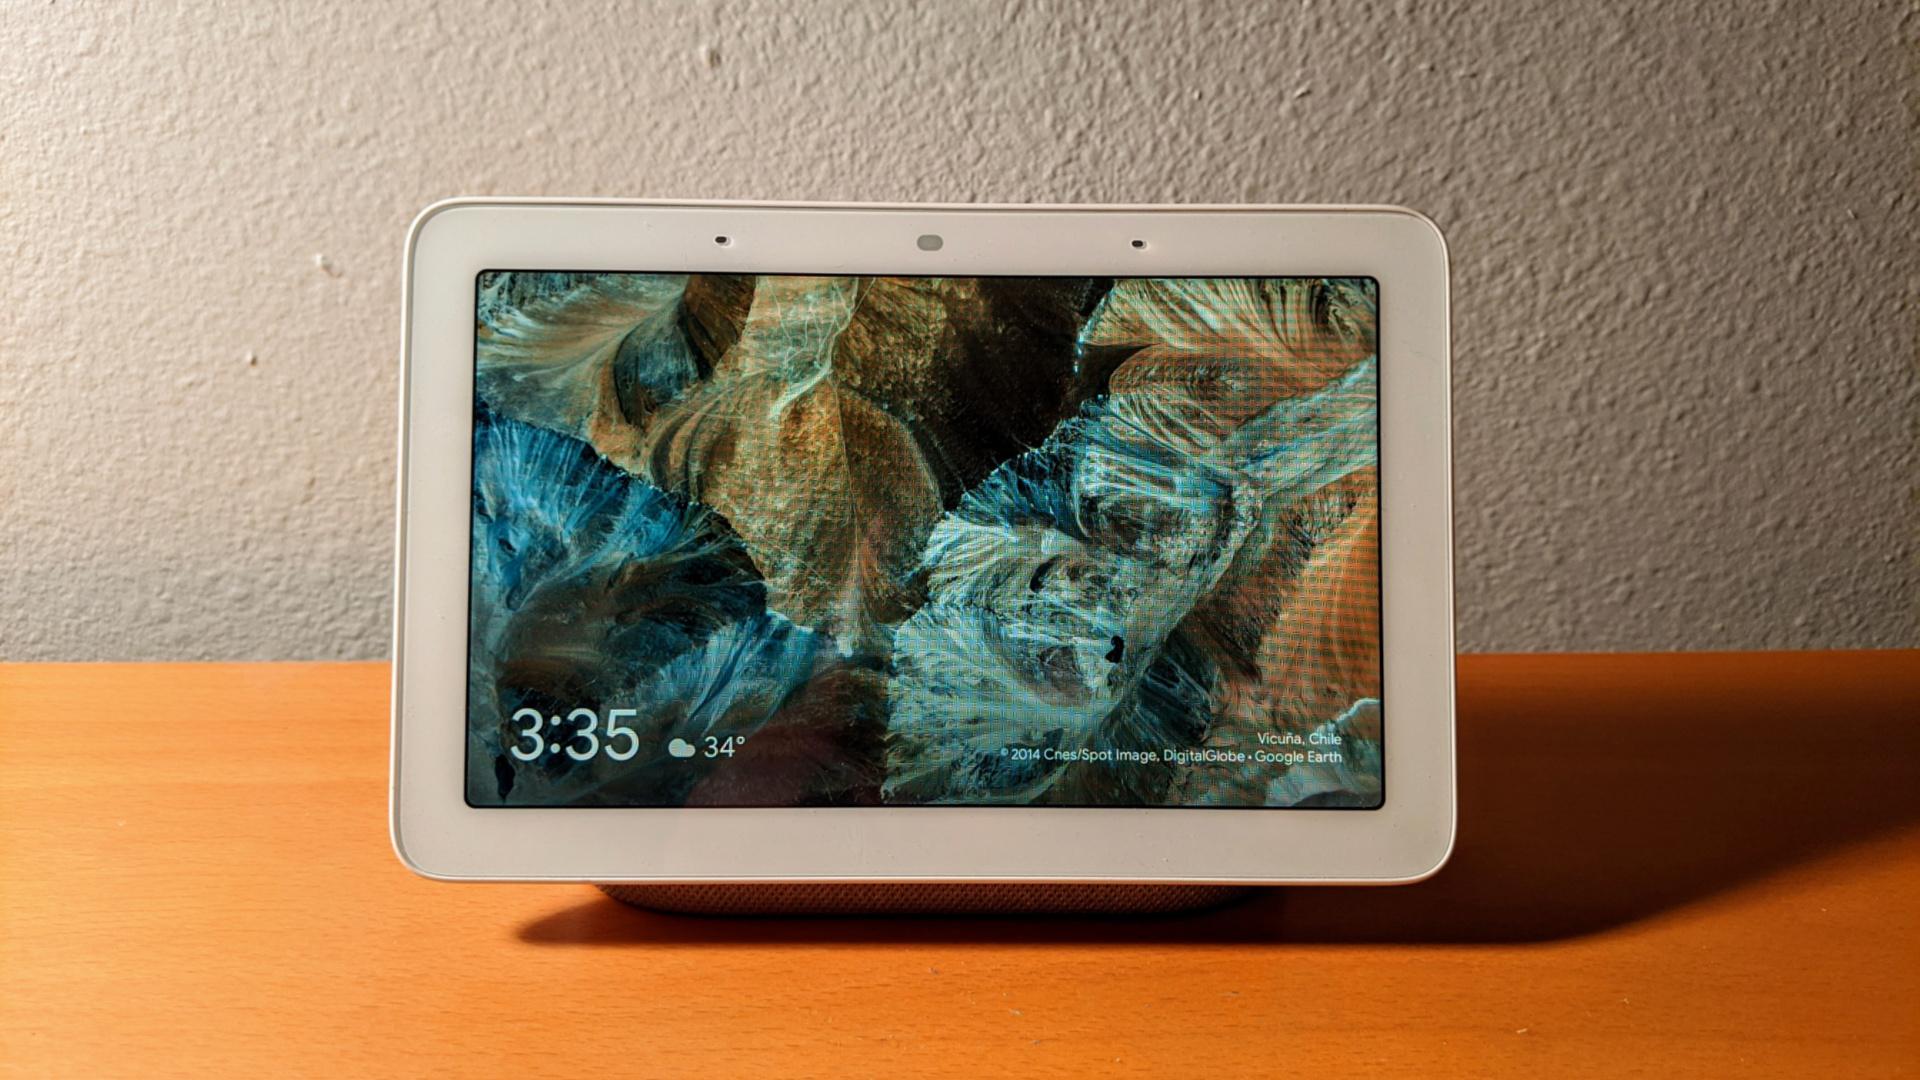 Google Nest Hub on a table